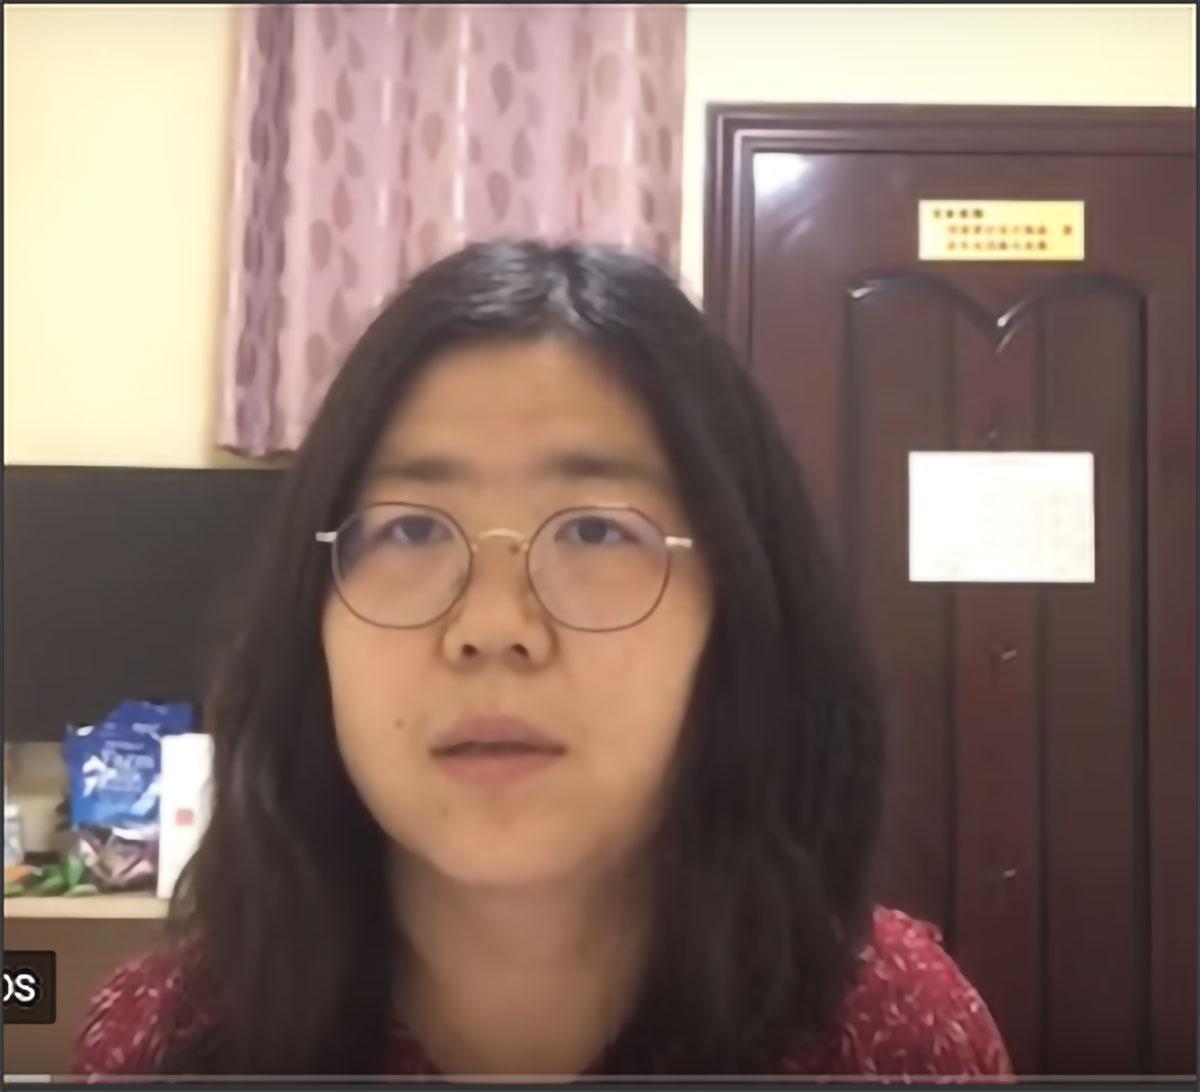 zhang zhan arrest